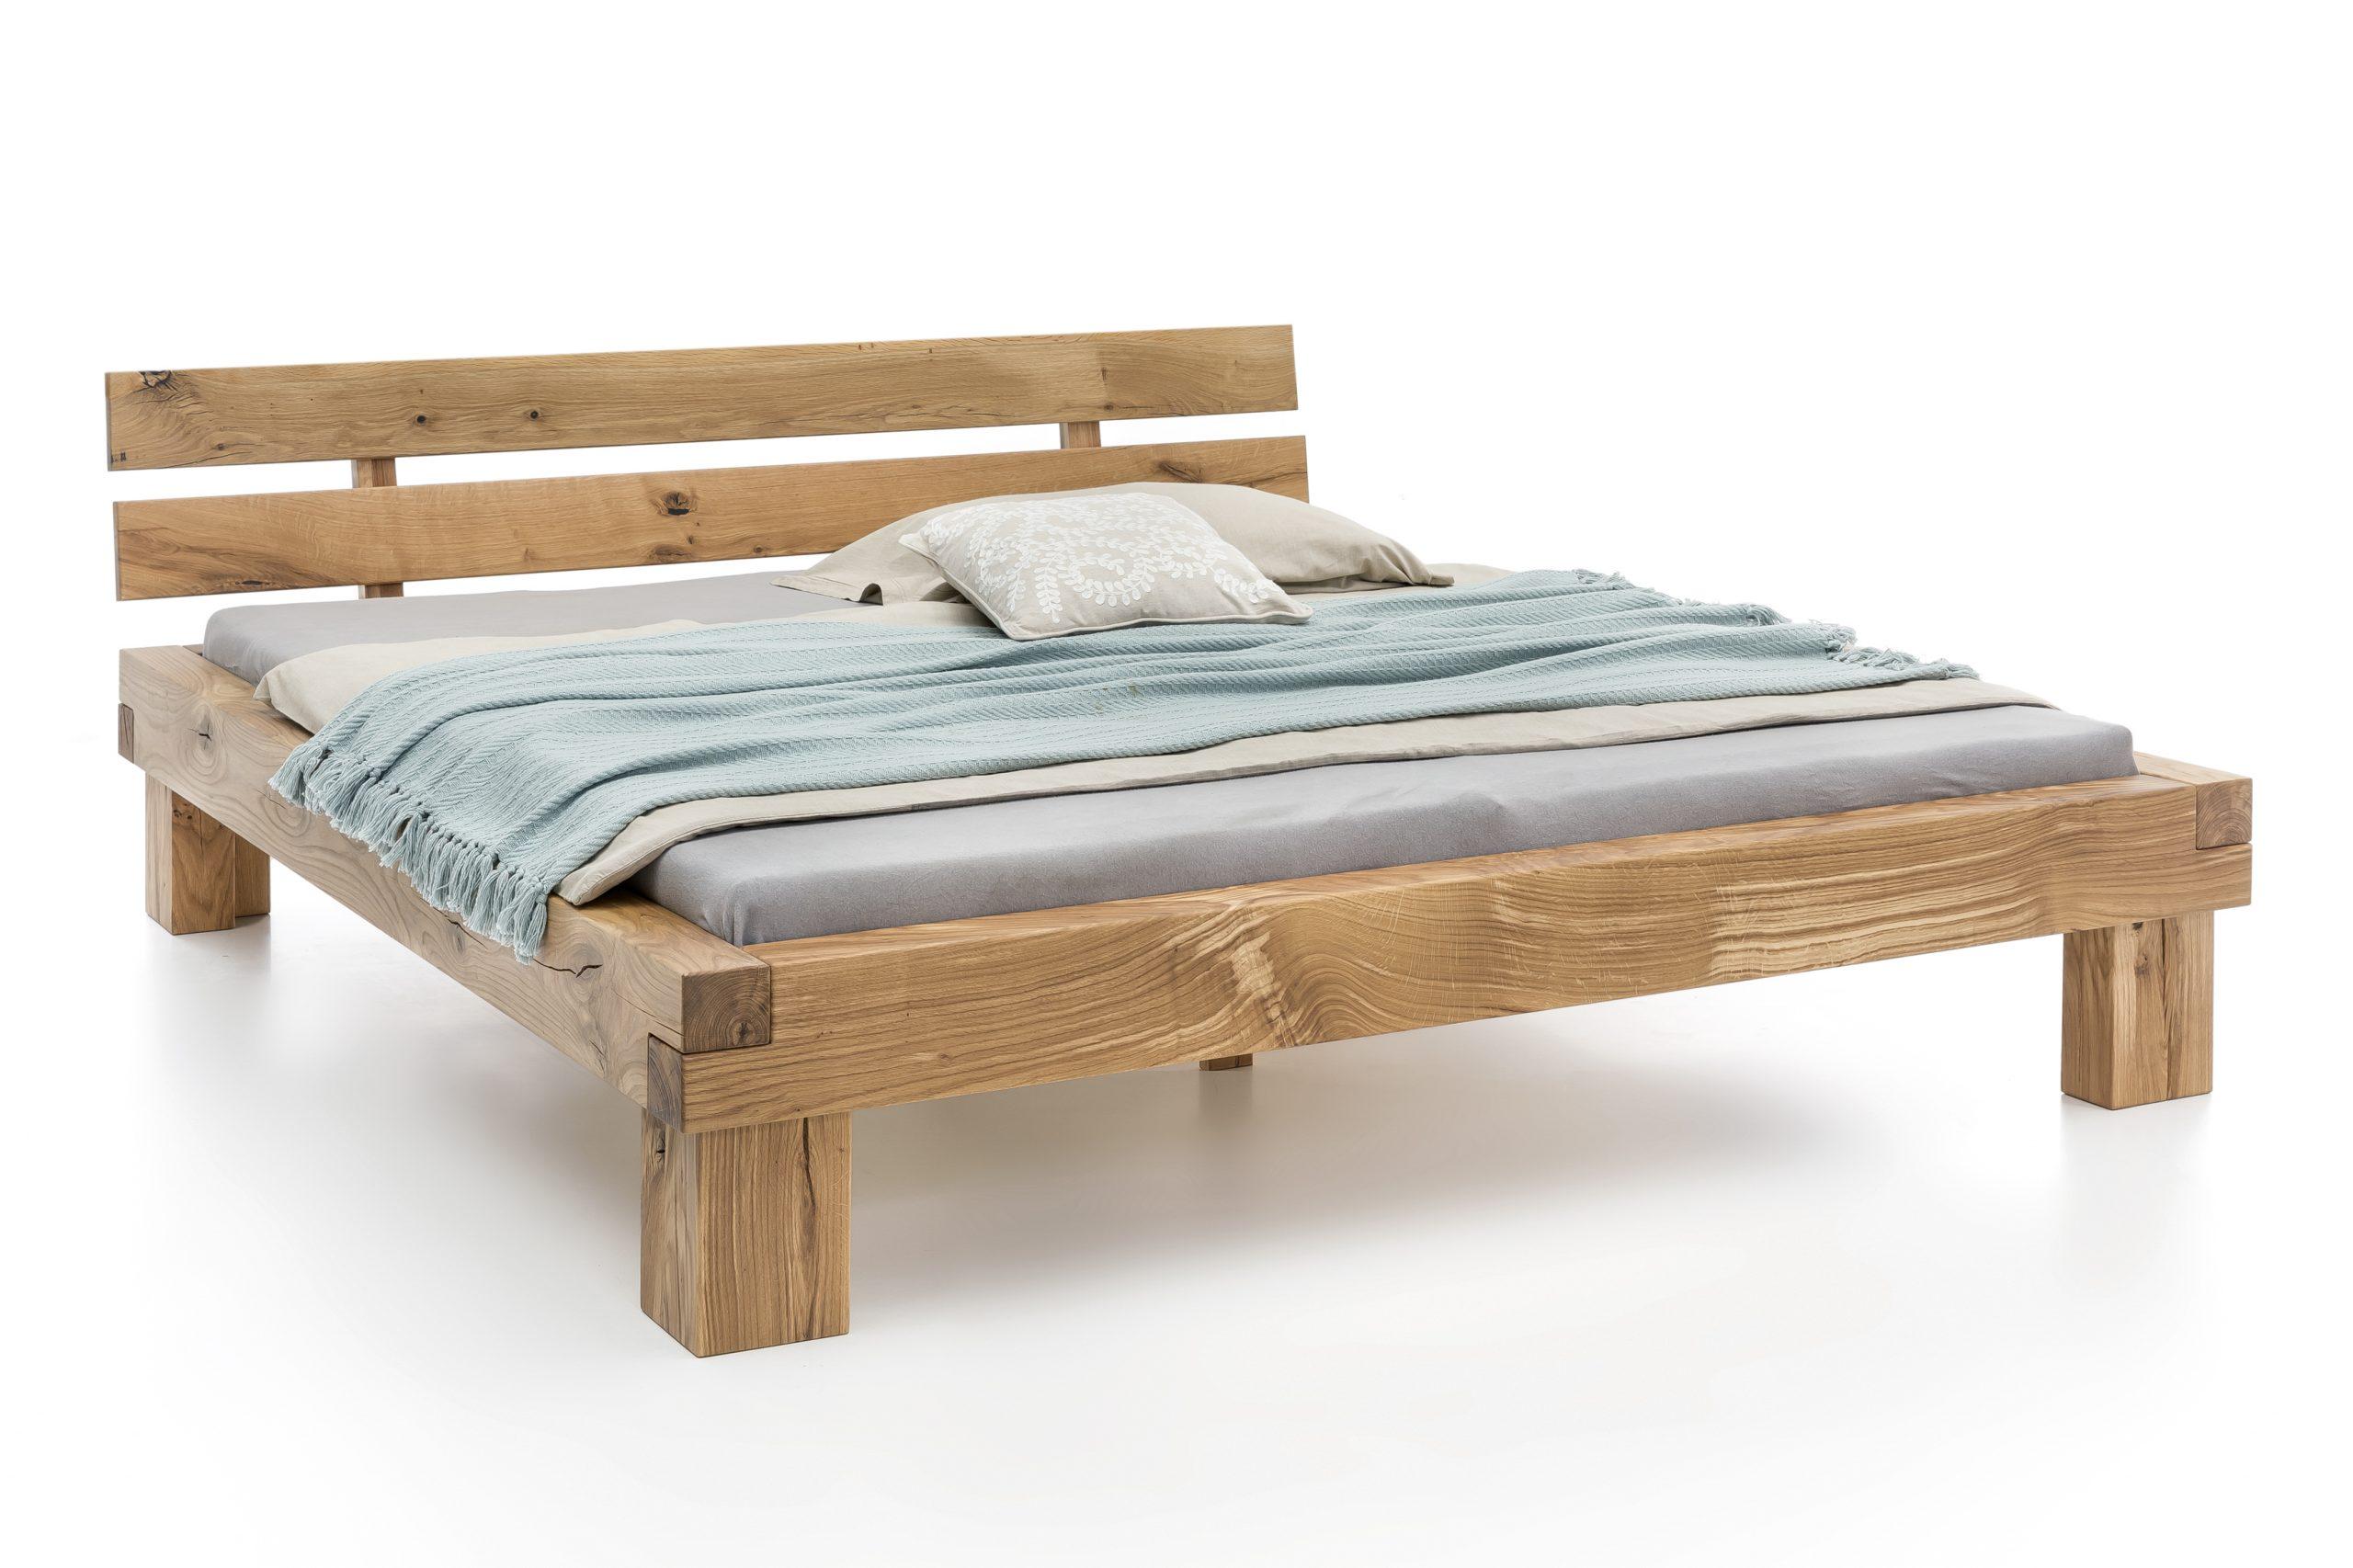 Full Size of Woodlive Massivholz Balkenbett Timber Bett Einzelbett Kaufen Eiche Sonoma Fenster In Polen Weißes 140x200 Somnus Betten Rauch 180x200 Weiß 100x200 Bett Bett Kaufen Günstig